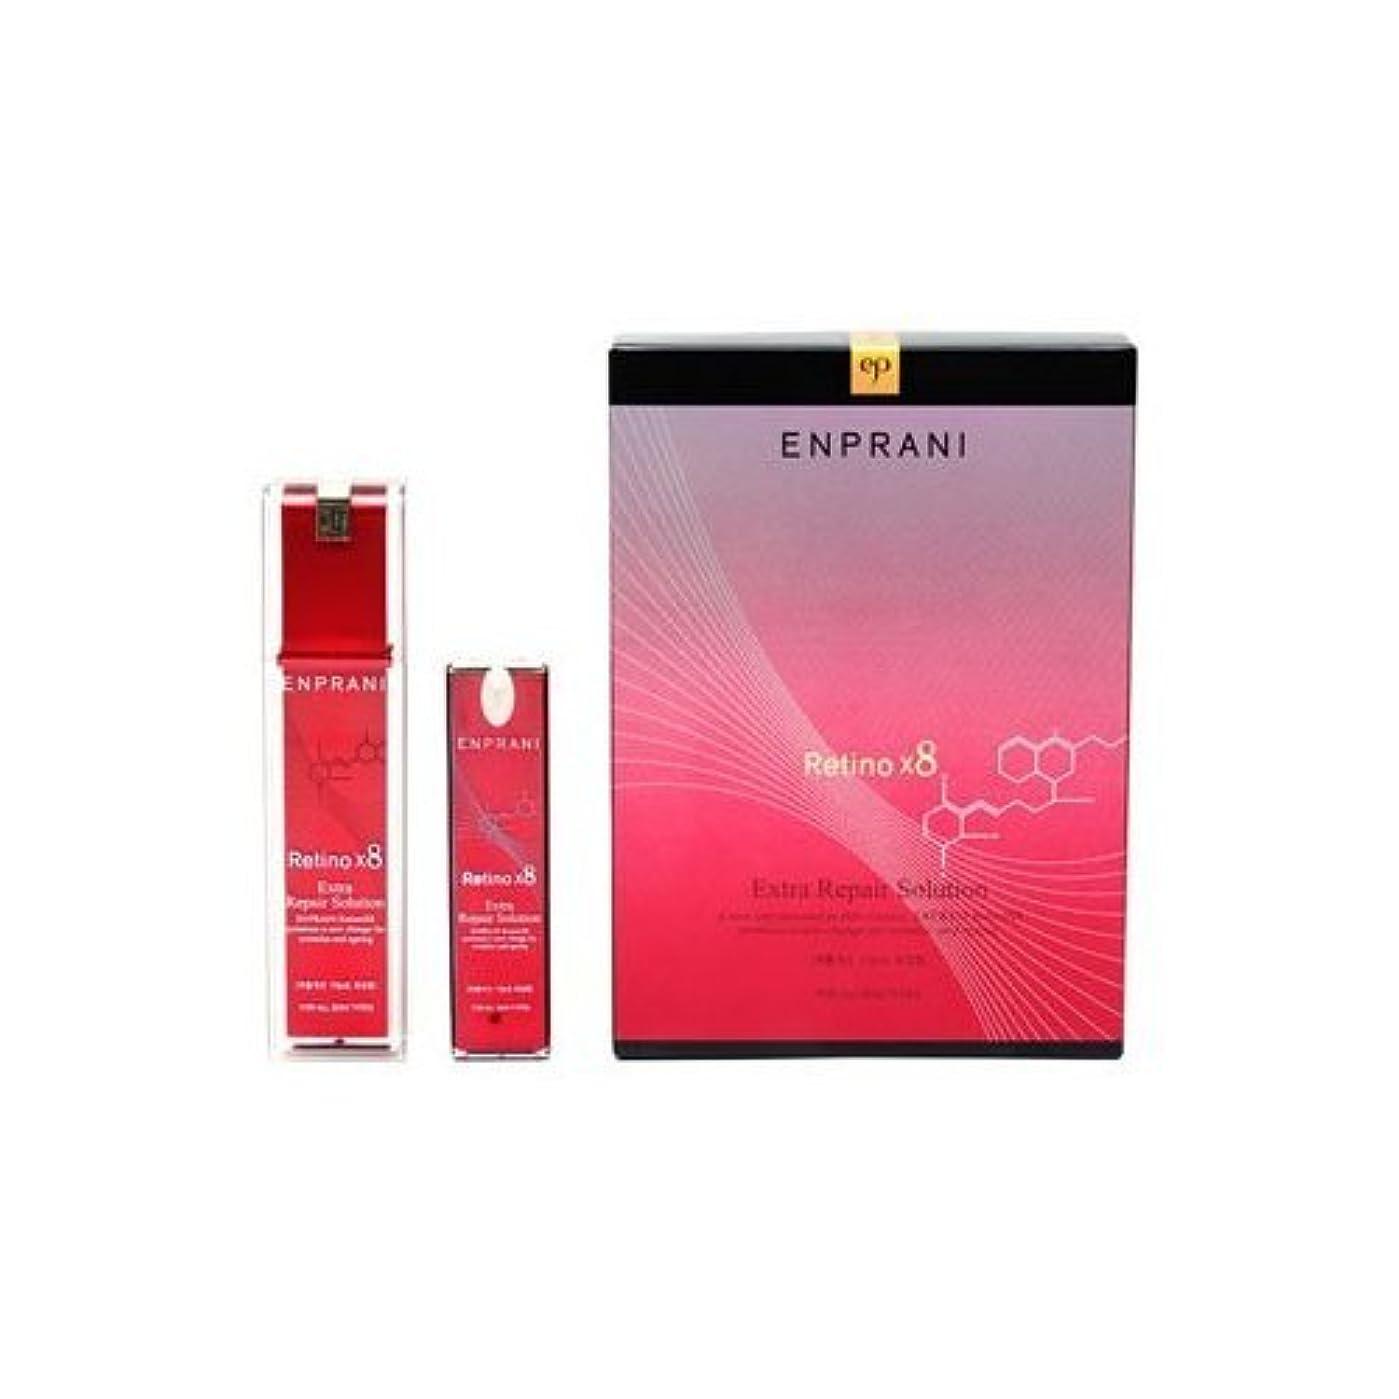 復活降臨ローマ人Korean Cosmetics_Enprani Retino X8 Extra Repair Solution_40ml